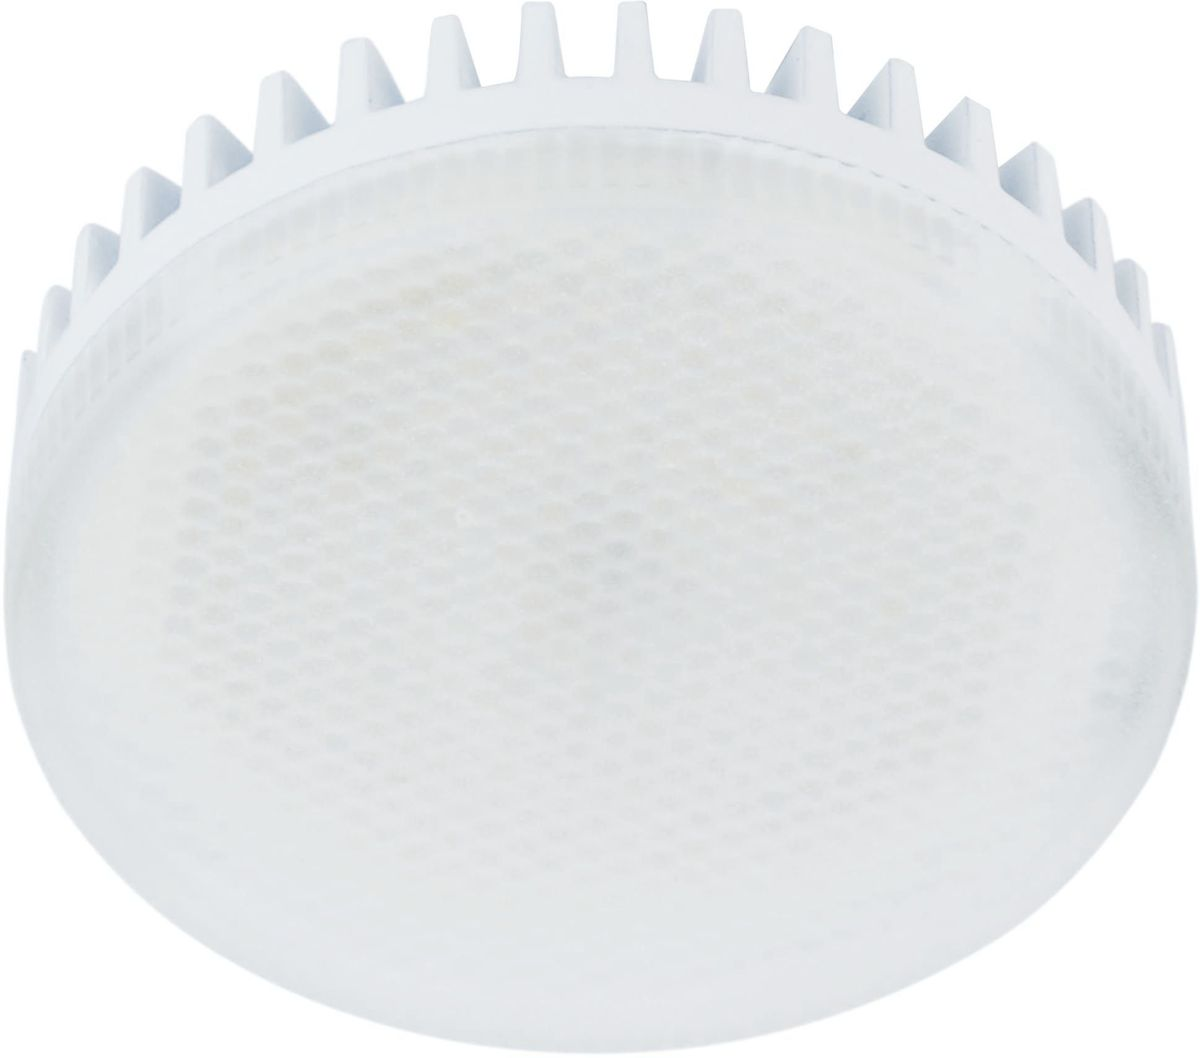 Лампа светодиодная REV, теплый свет, цоколь GX53, 10W. 32567 332567 3Энергосберегающая светодиодная лампа REV используется как в бытовых осветительных приборах, так и для освещения общественных и служебных помещений. Потребляемая мощность энергосберегающих ламп в 5-10 раз ниже, чем у обычных ламп накаливания при той же интенсивности свечения. Энергосберегающая светодиодная лампа в форме шайбы теплого свечения. Интенсивность свечения аналогична обычной лампе накаливания мощностью 100 Вт. Срок службы 30 000 часов. Номинальное напряжение 220-240 В.